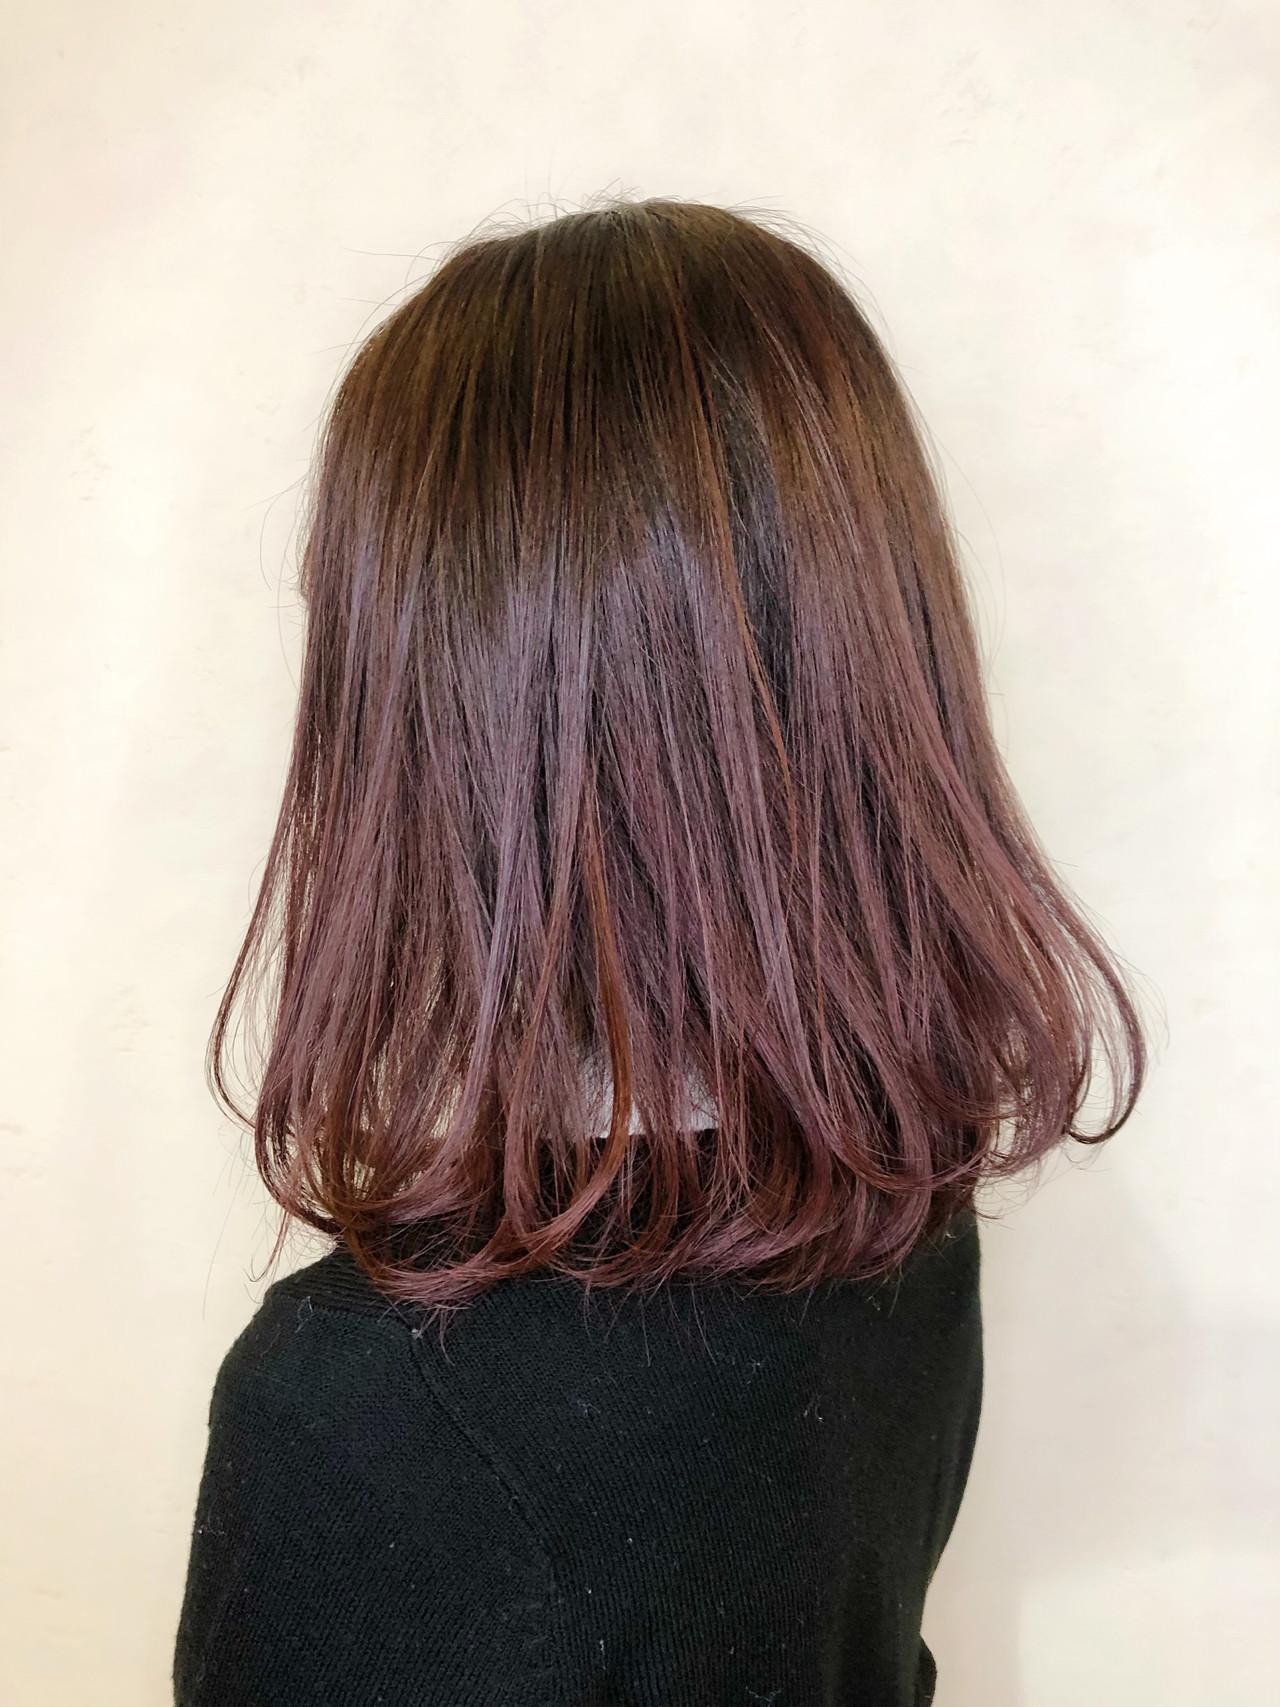 ガーリー デート ピンク ボブ ヘアスタイルや髪型の写真・画像